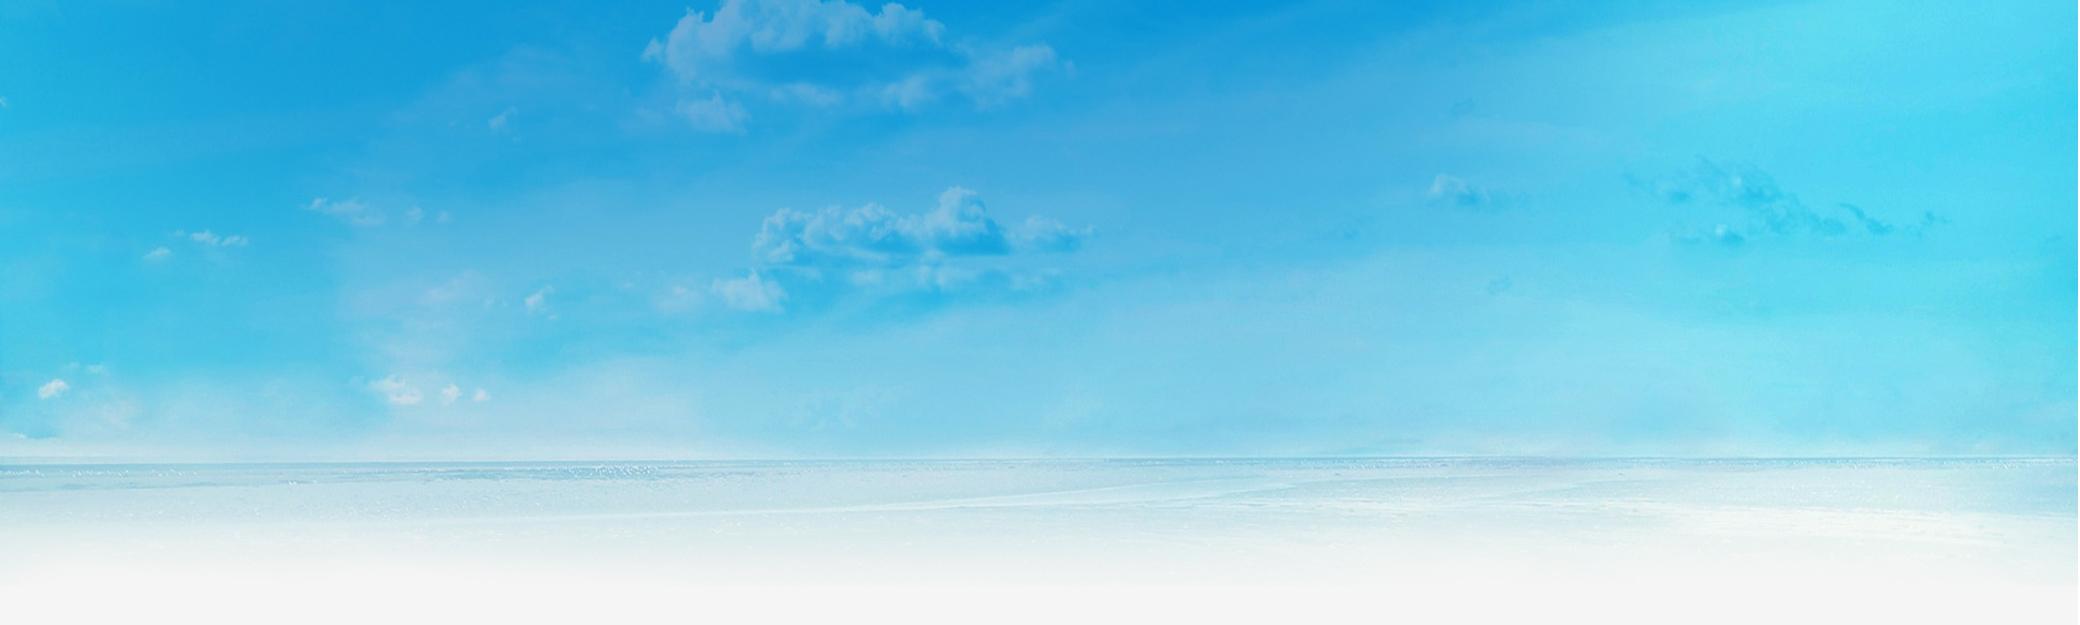 Hình ảnh background nền trời xanh thẳm